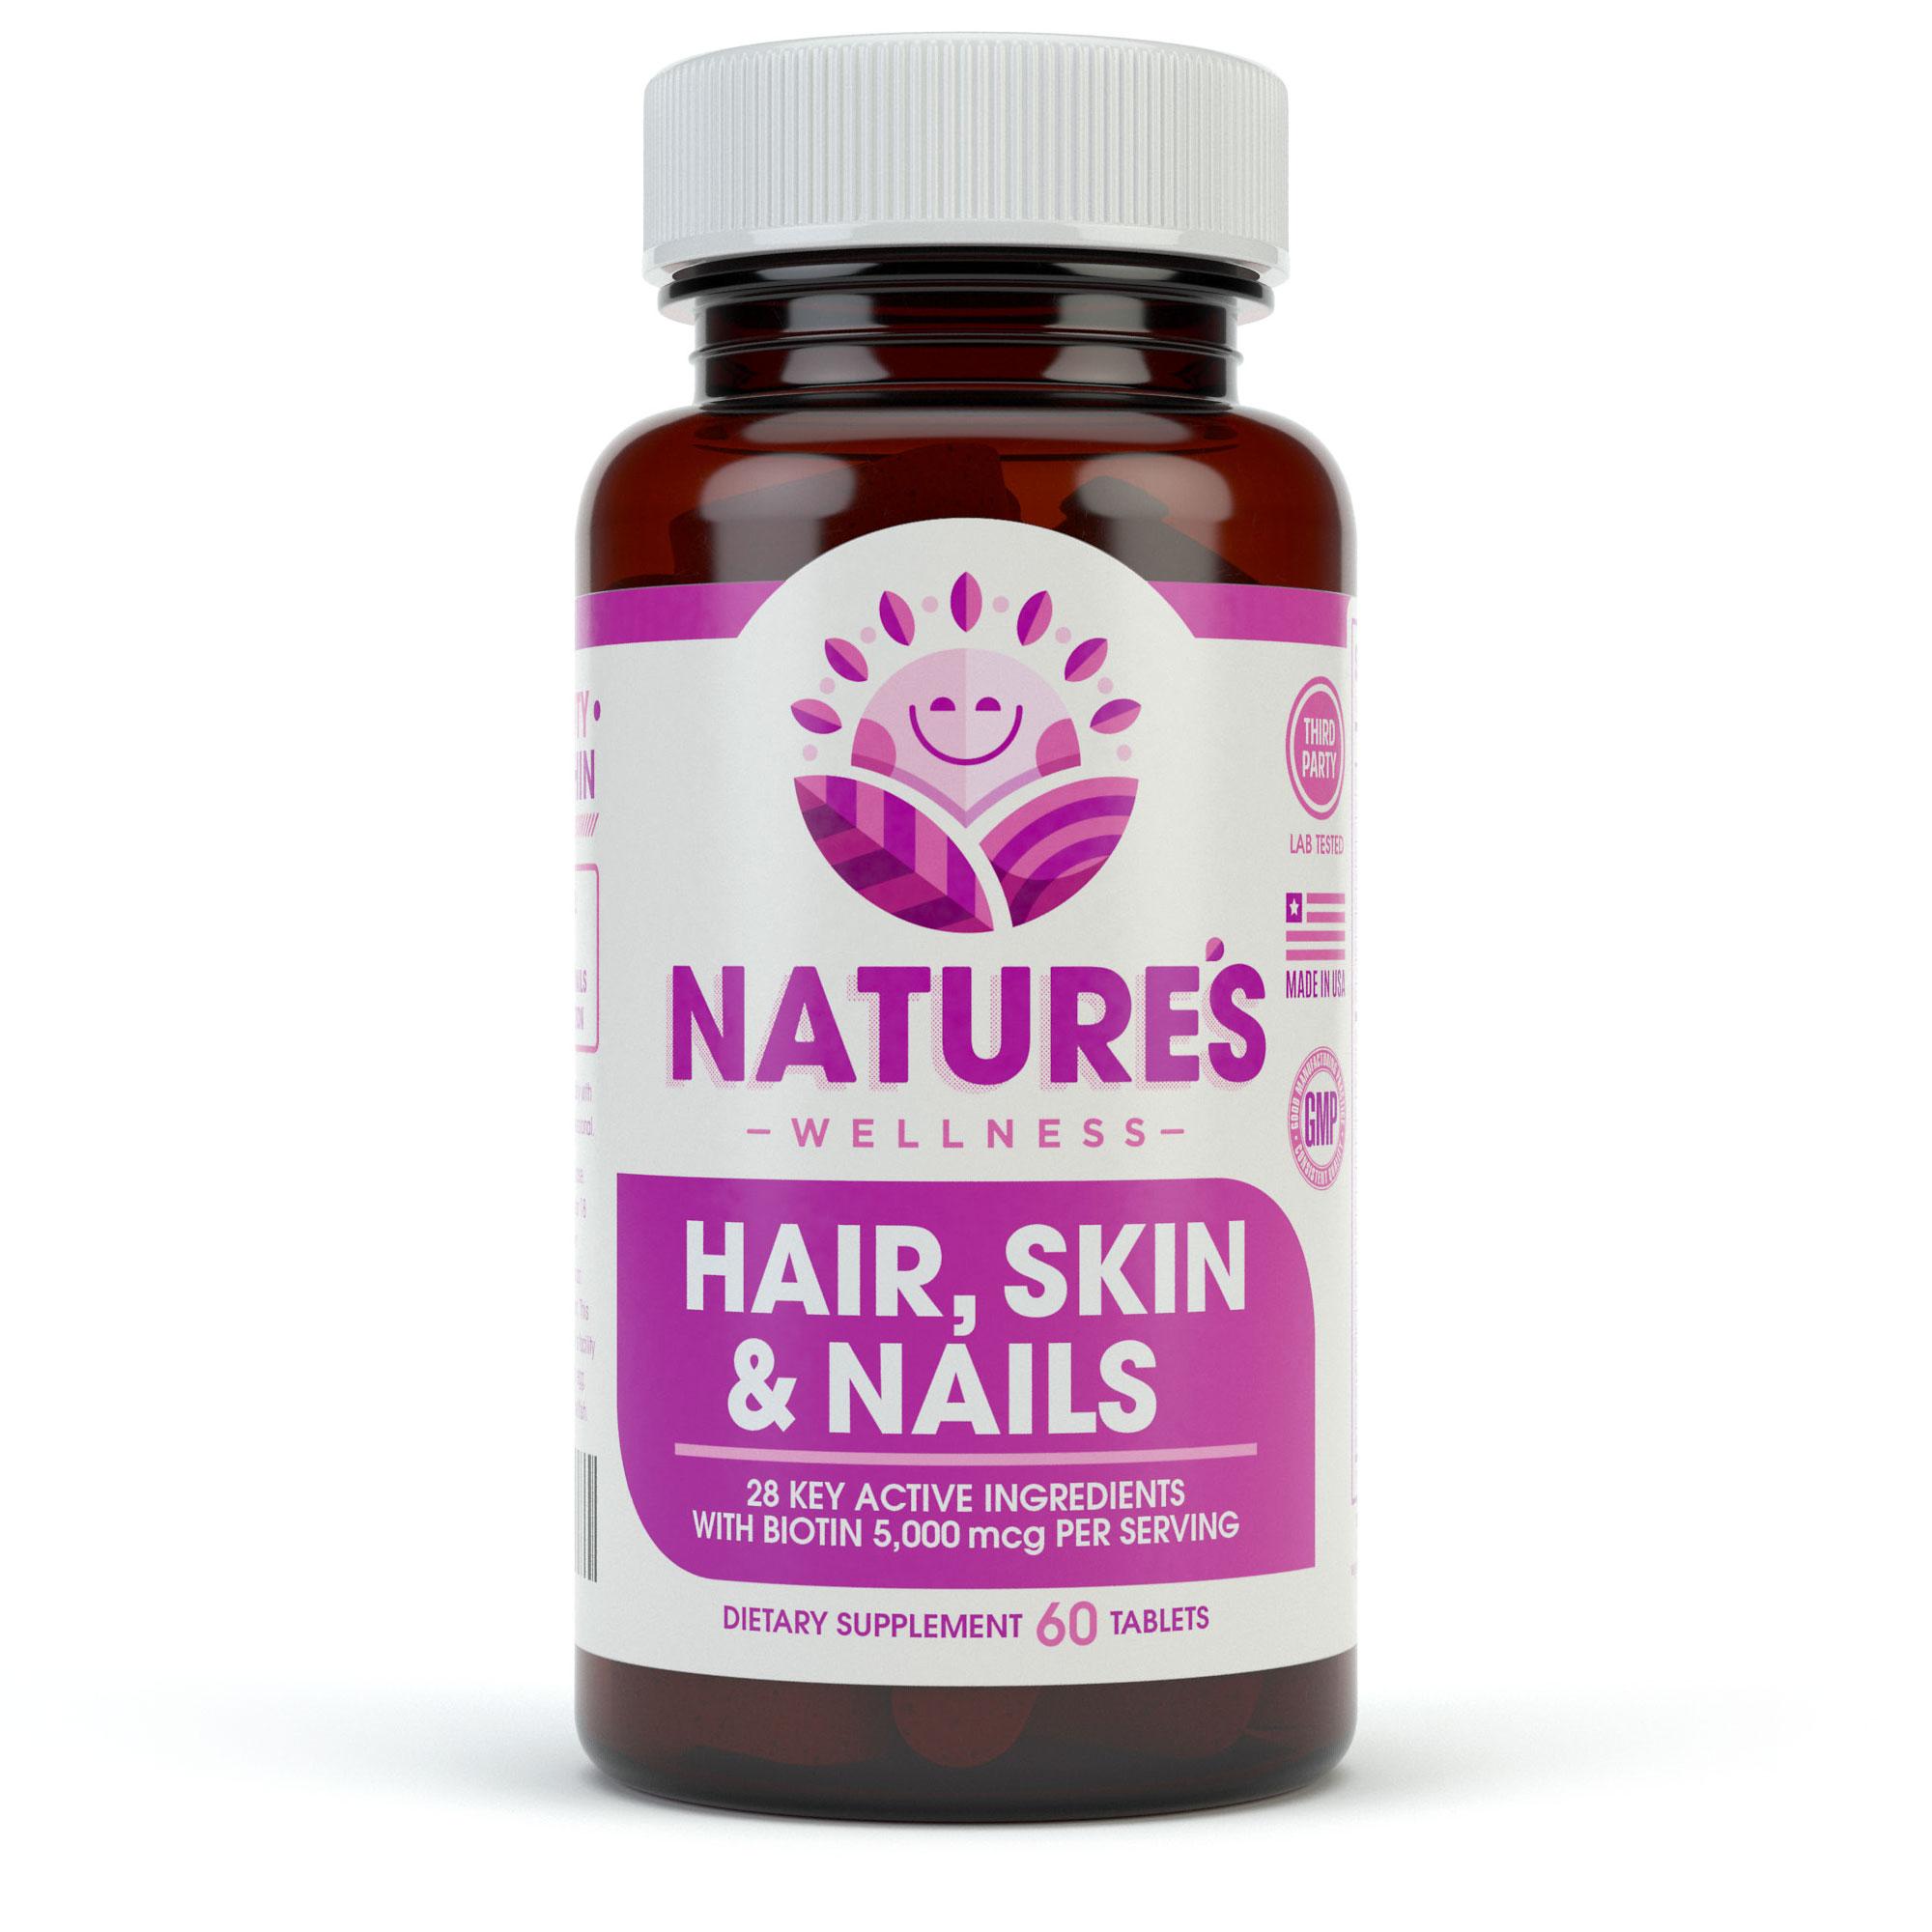 Hair-Skin-Nails-60-Front-2K.jpg